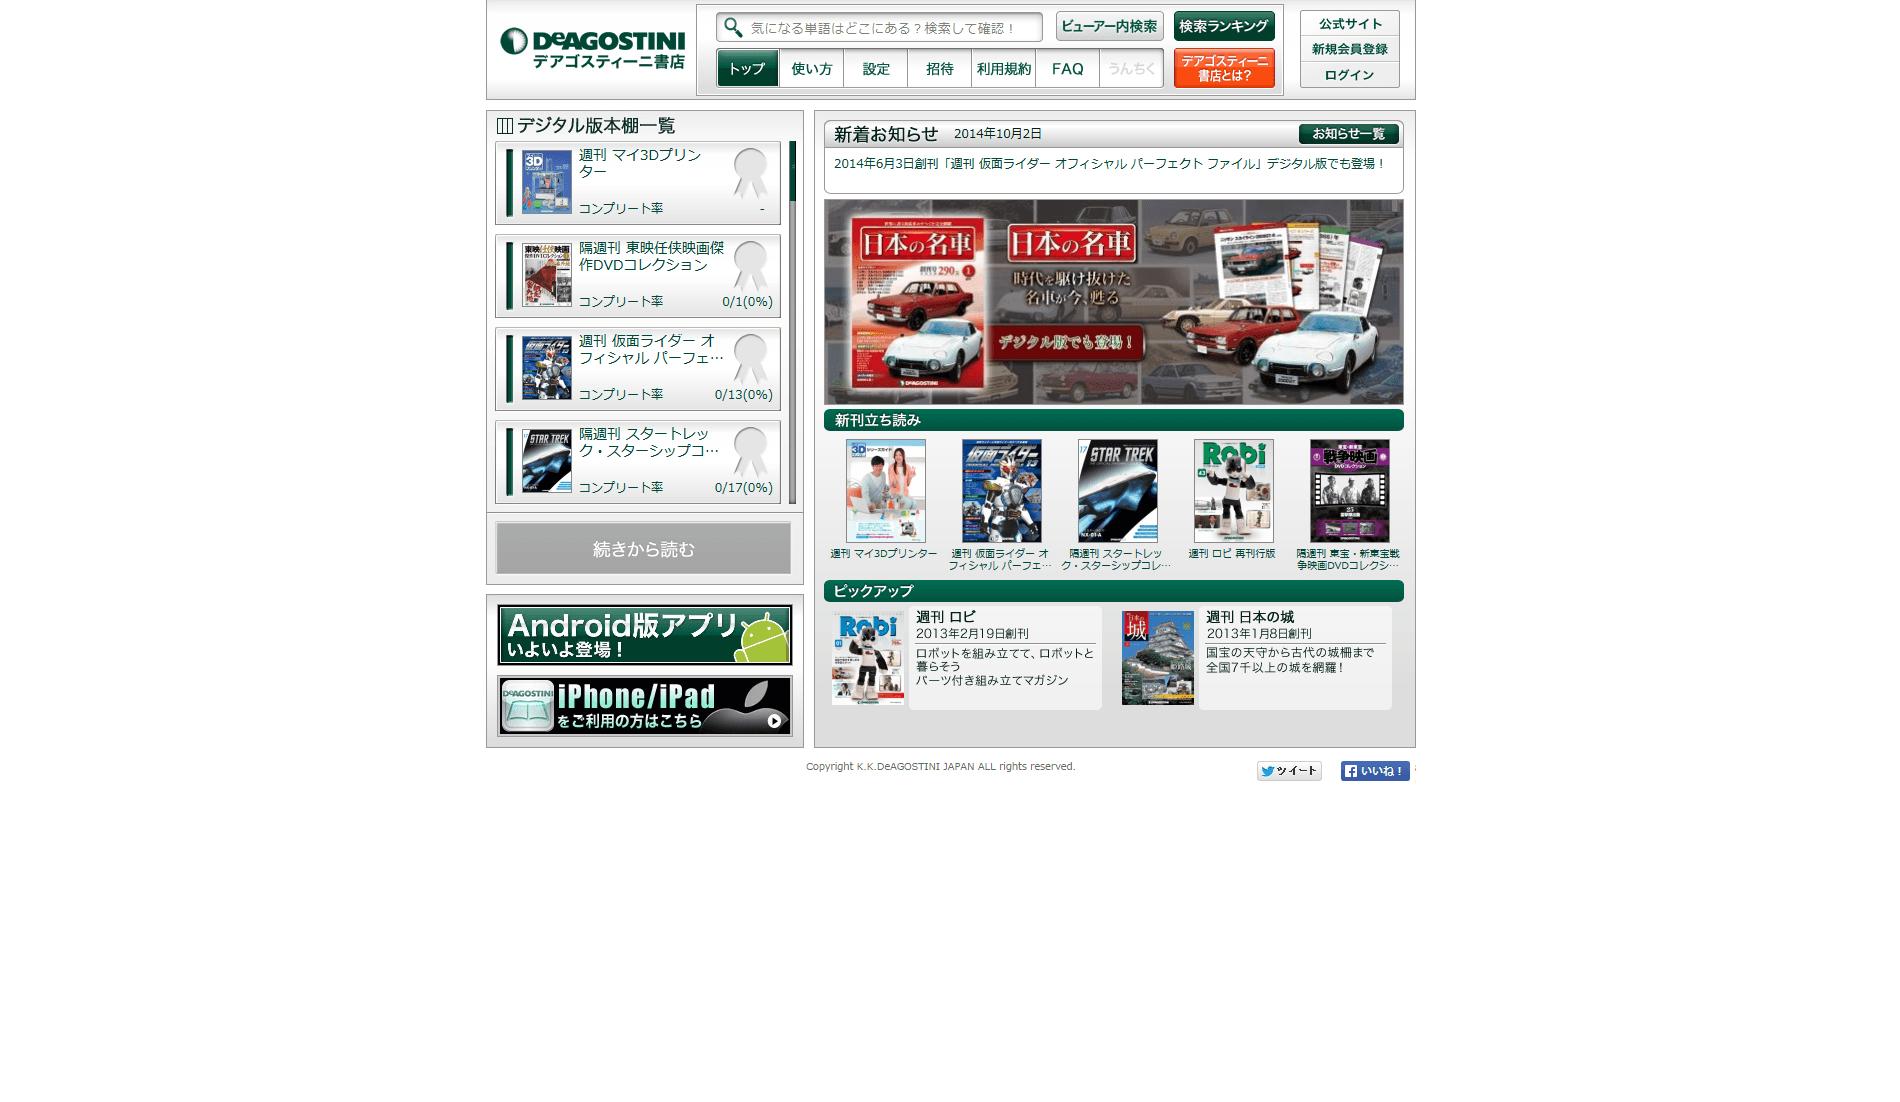 デジタル版サービス「デアゴスティーニ書店」電子書籍